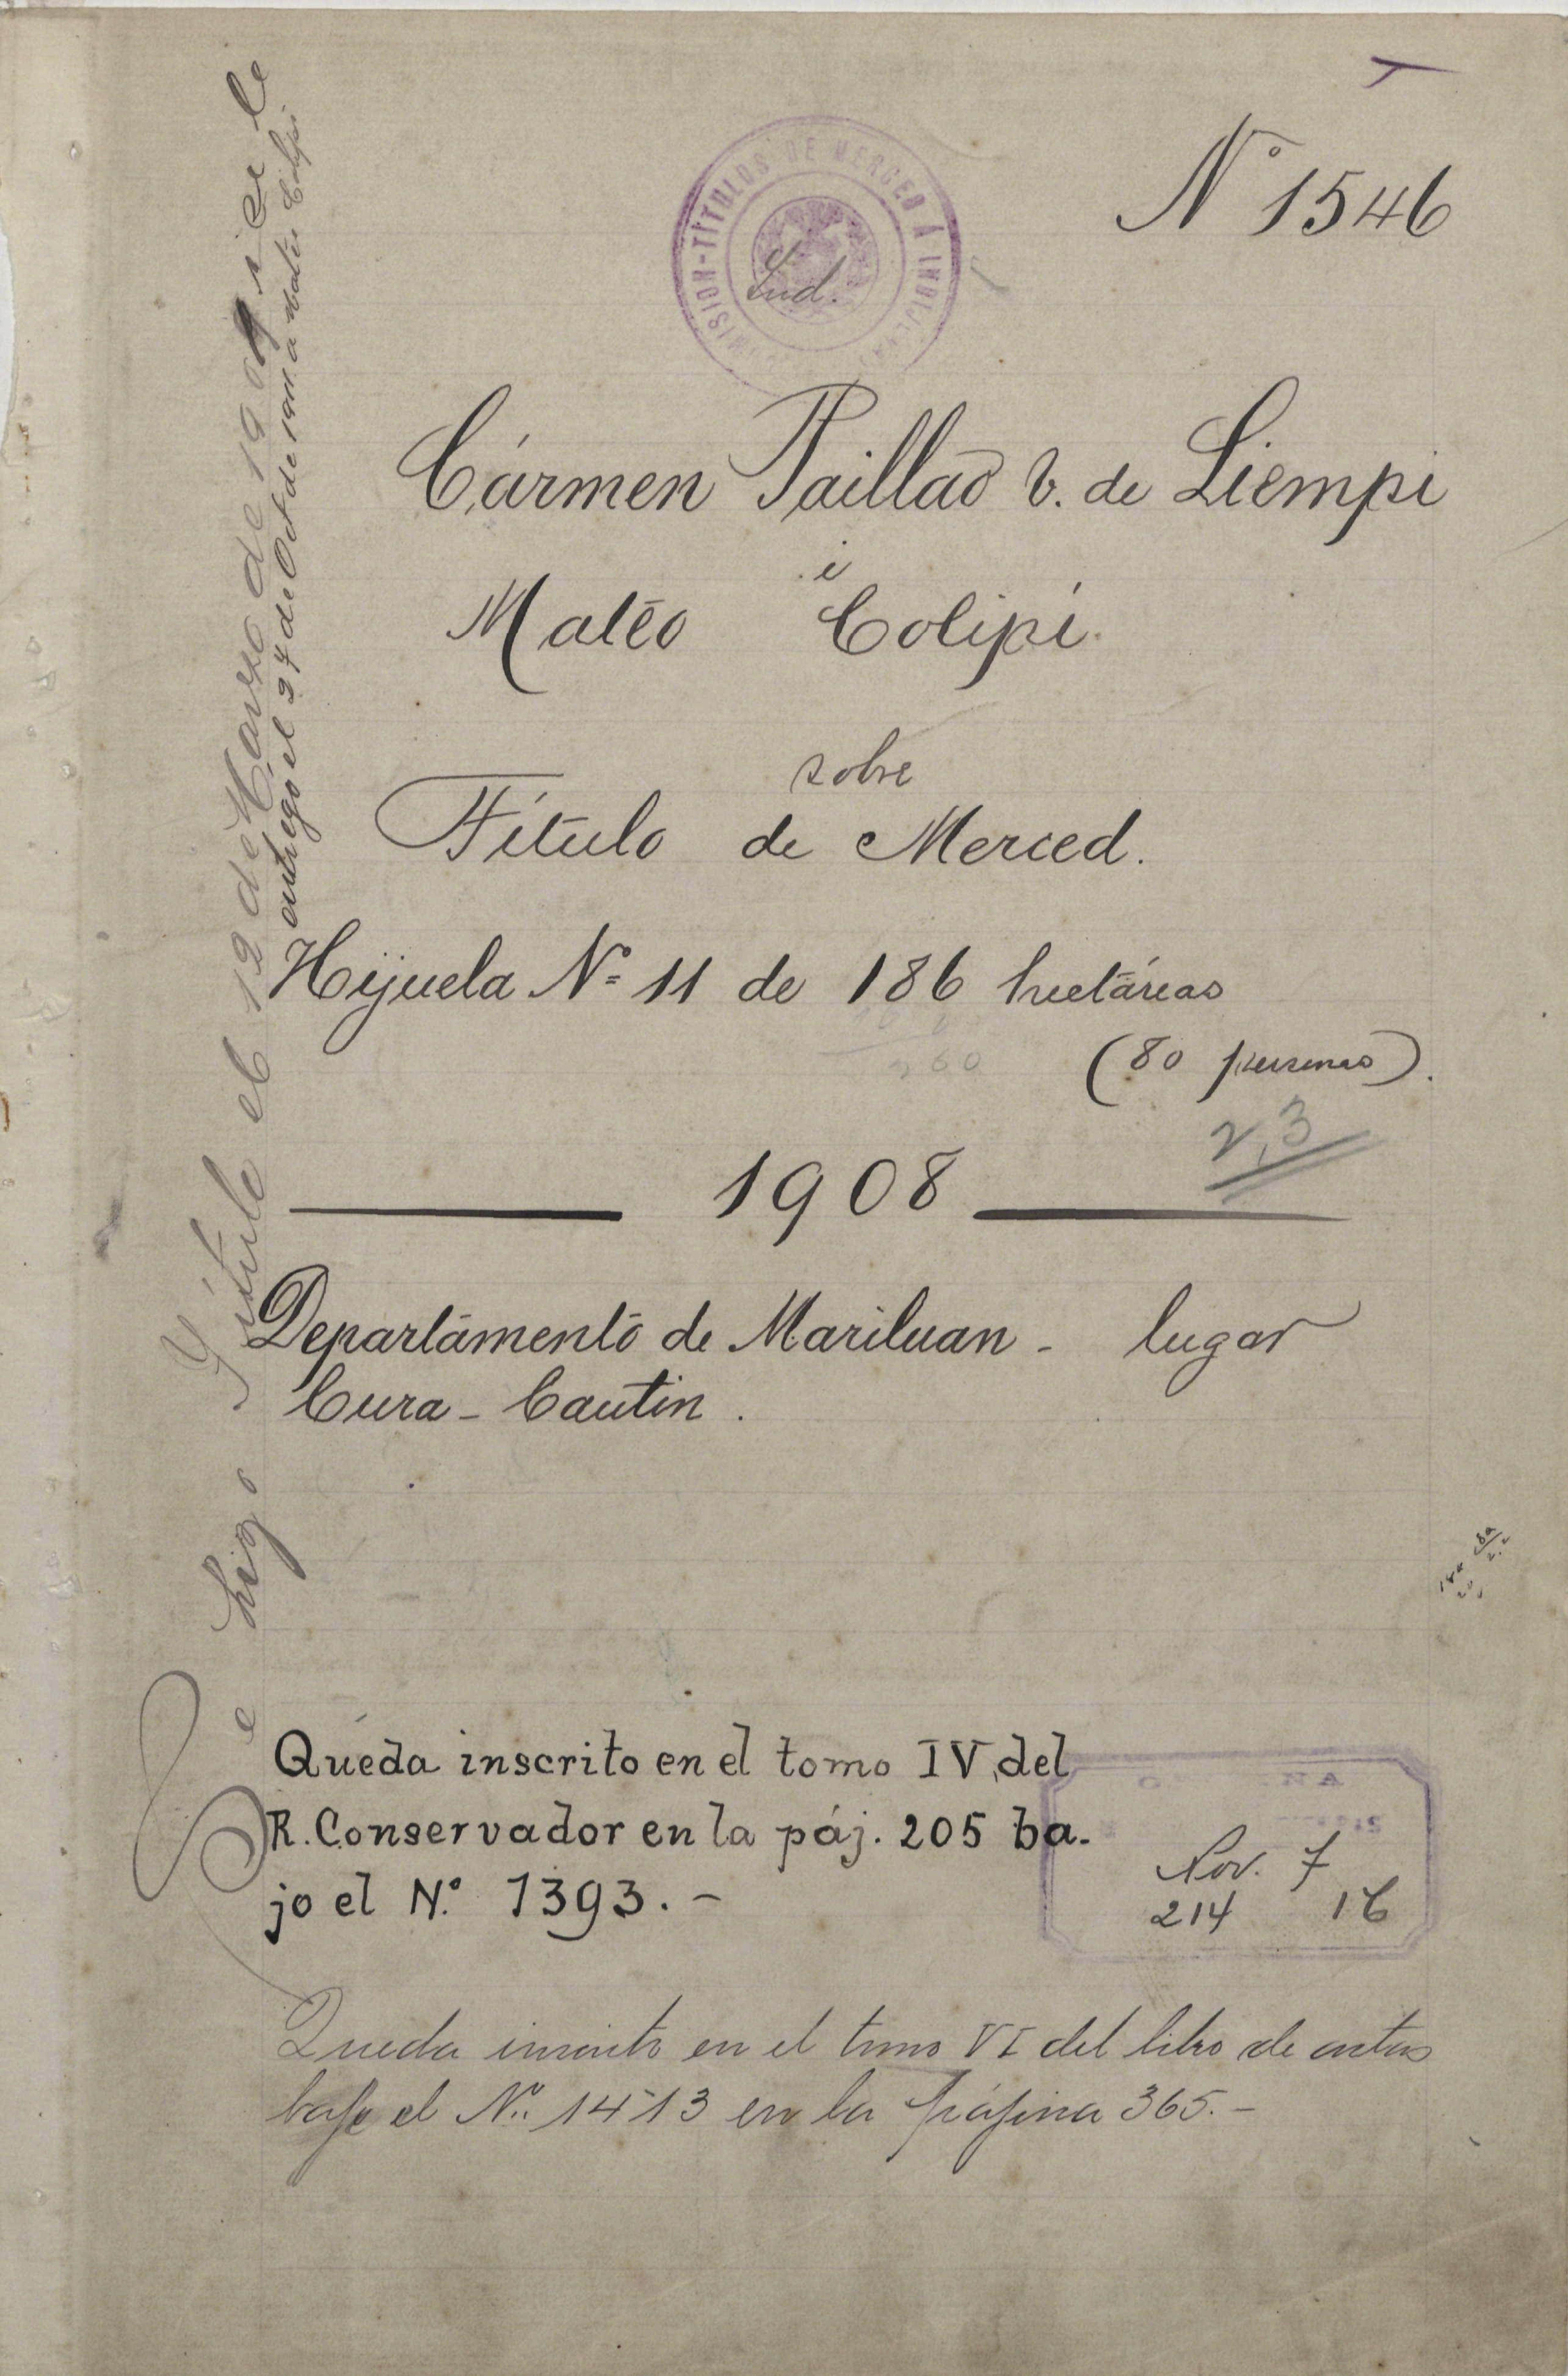 Título de Merced de la comunidad Liempi Colipi. Documento adquirido en el Archivo General de Asuntos Indígenas (Conadi).